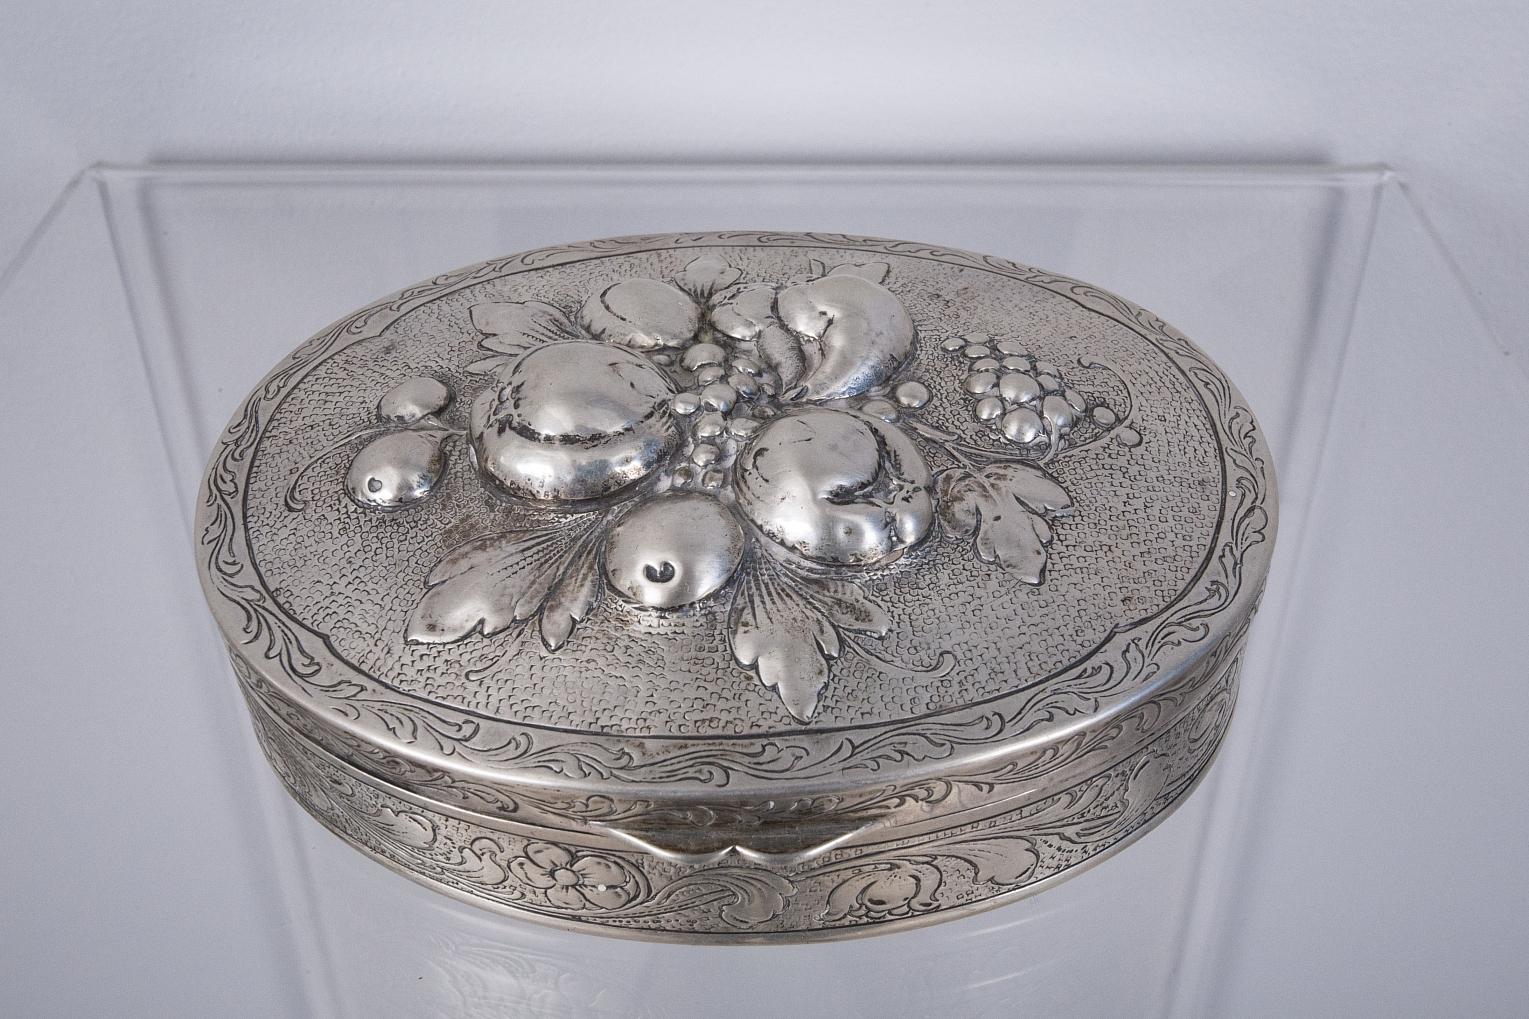 Puzdro srebrne, Niemcy XIX/XX w.